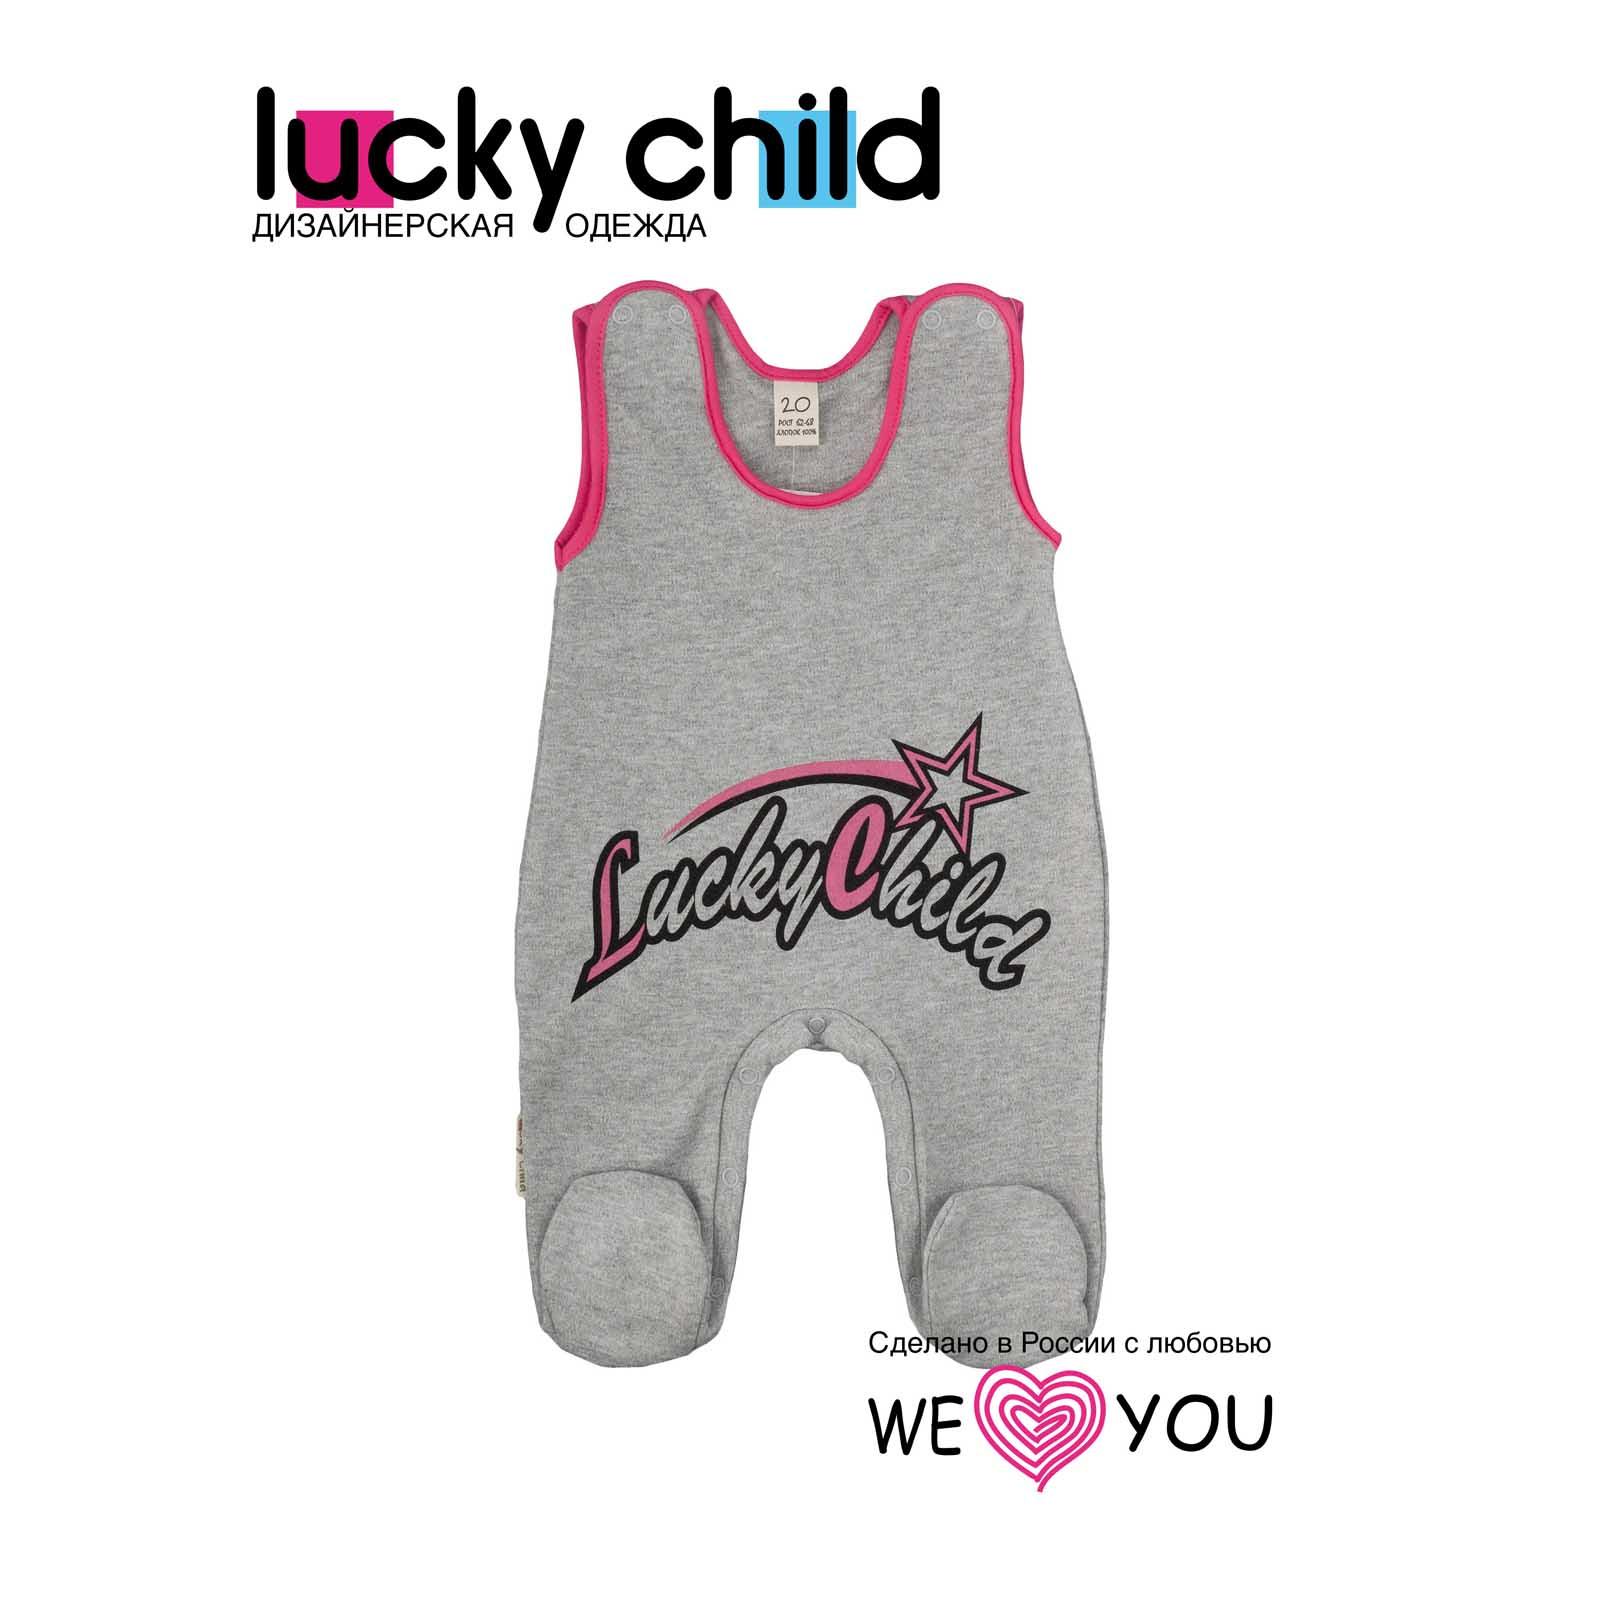 Ползунки высокие Lucky Child Лаки Чайлд  коллекция Спортивная линия,  для девочки серые с принтом размер 68<br>